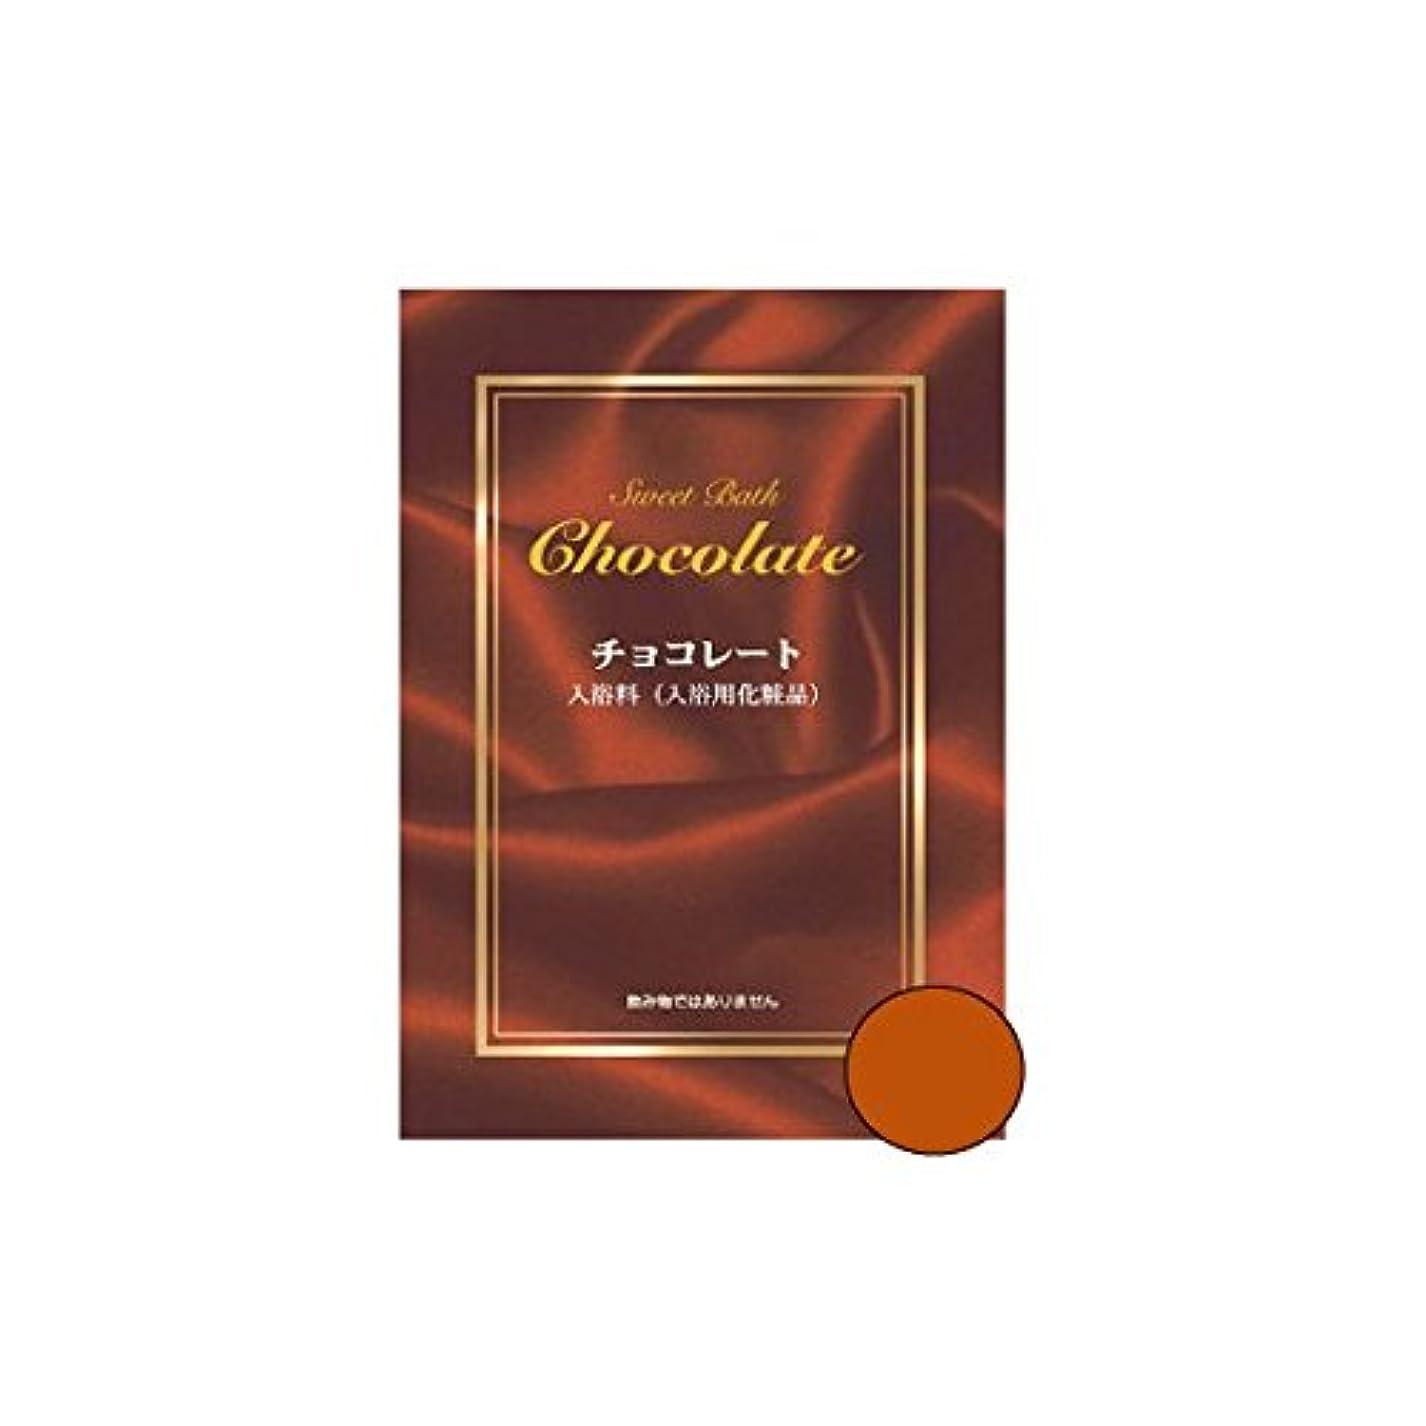 マーティフィールディングトランクライブラリ昼食【10包】スウィートバス チョコレート入浴料